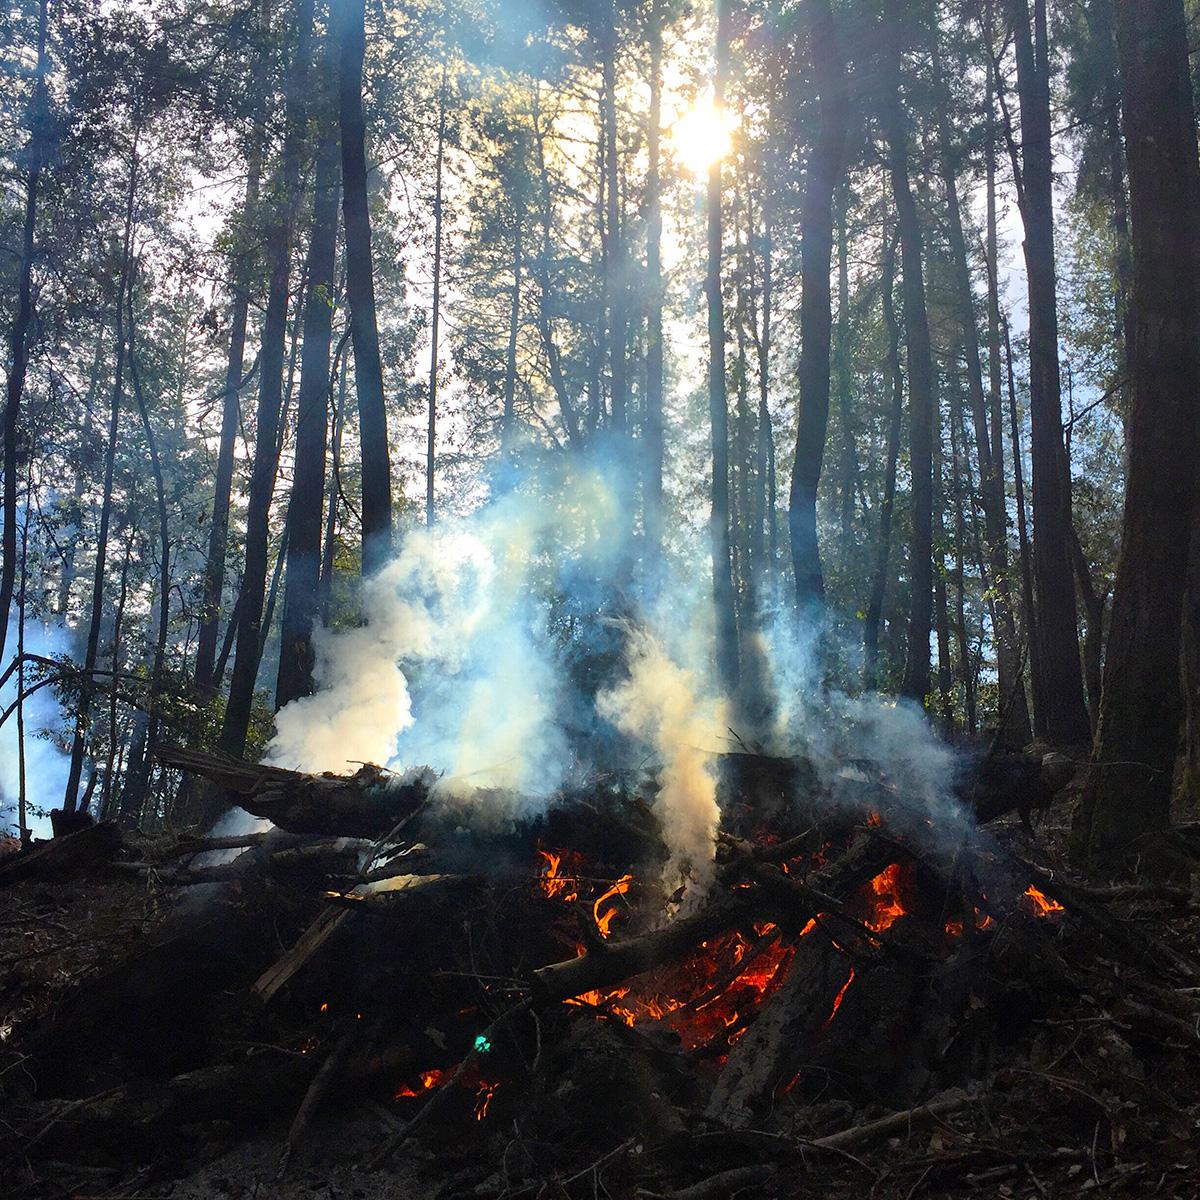 ¿Por qué se originan los incendios forestales? Causas y soluciones